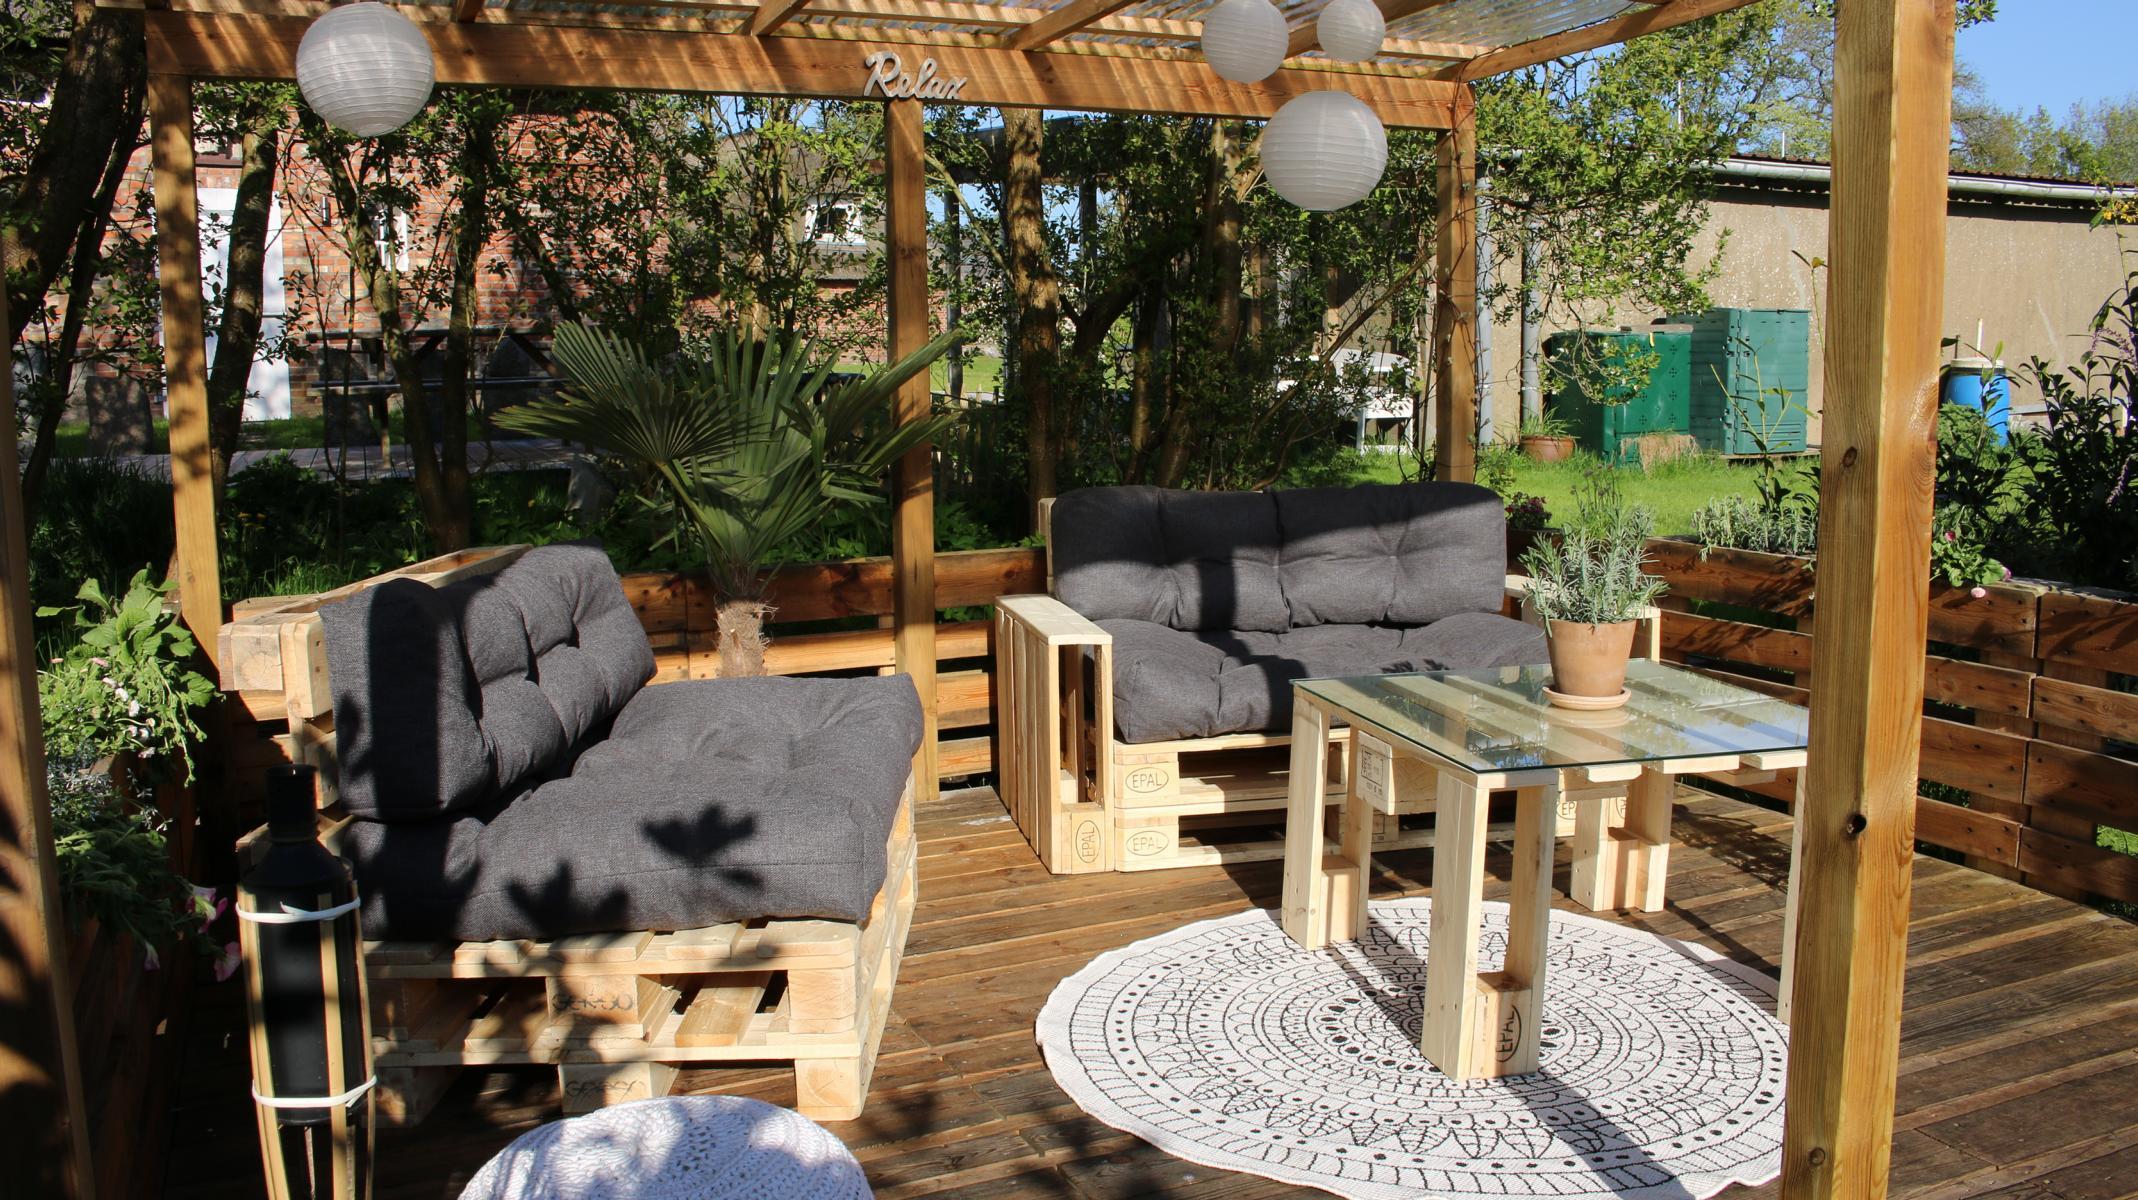 Terrasse Europaletten Garten Sichtschutz Aus Paletten Garten Pinterest